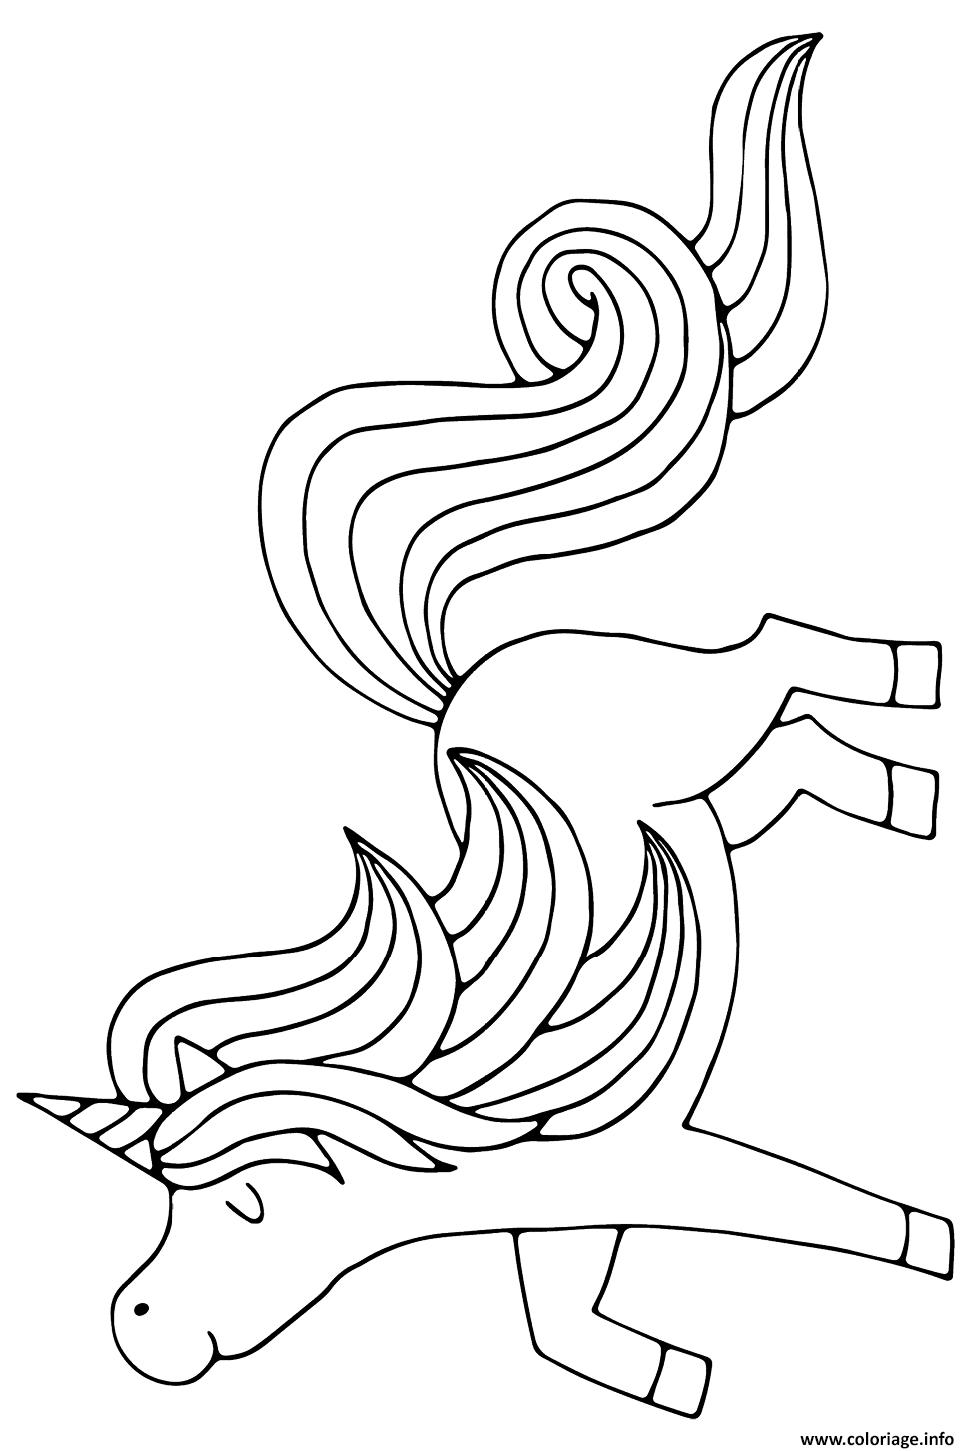 Dessin licorne magique pour princesse A4 Coloriage Gratuit à Imprimer